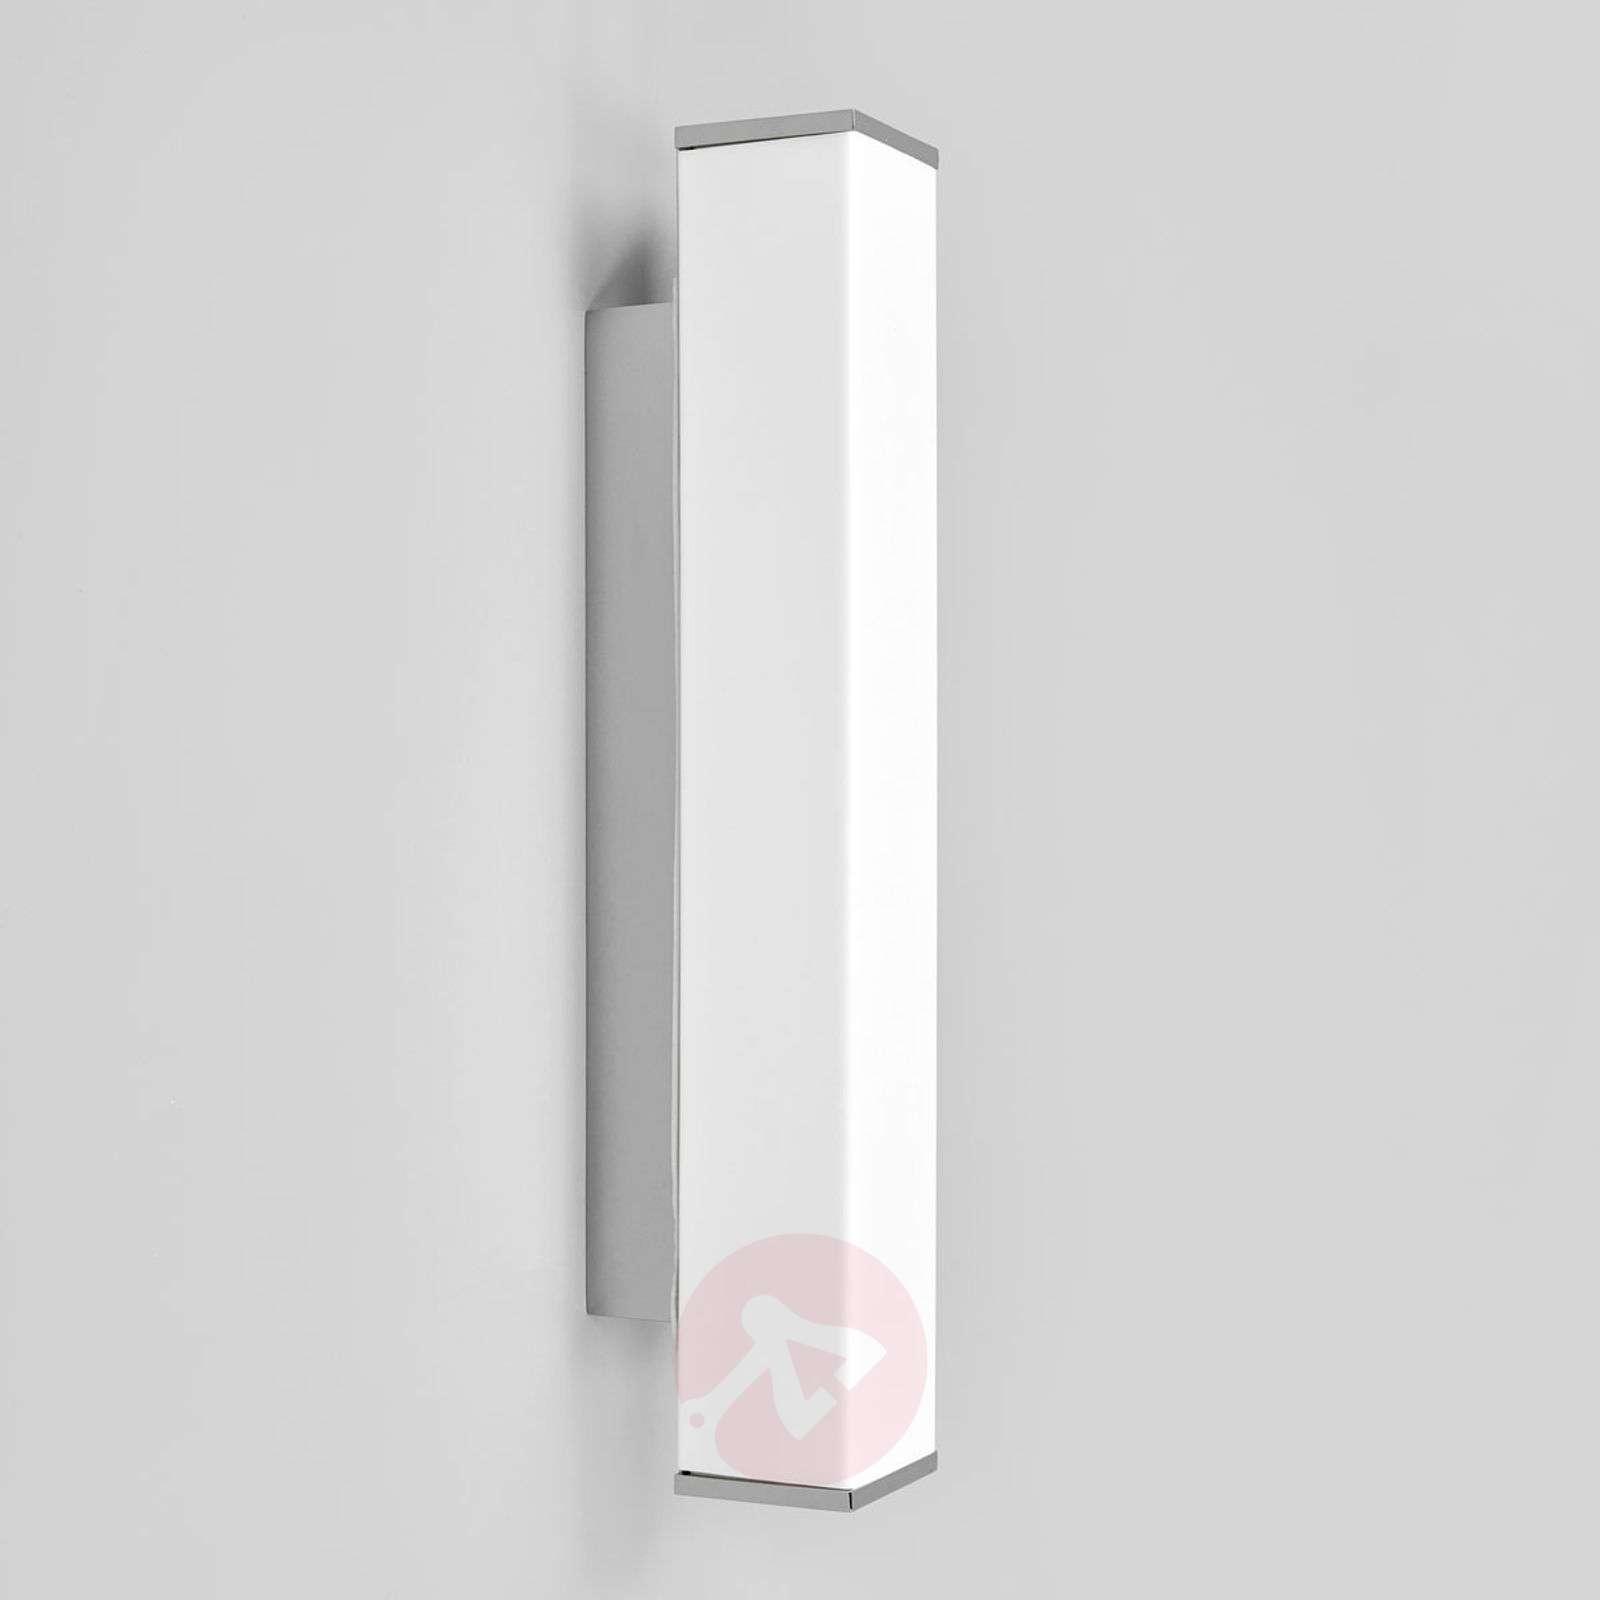 Isabella peilivalaisin kylpyhuoneeseen-7254768-01